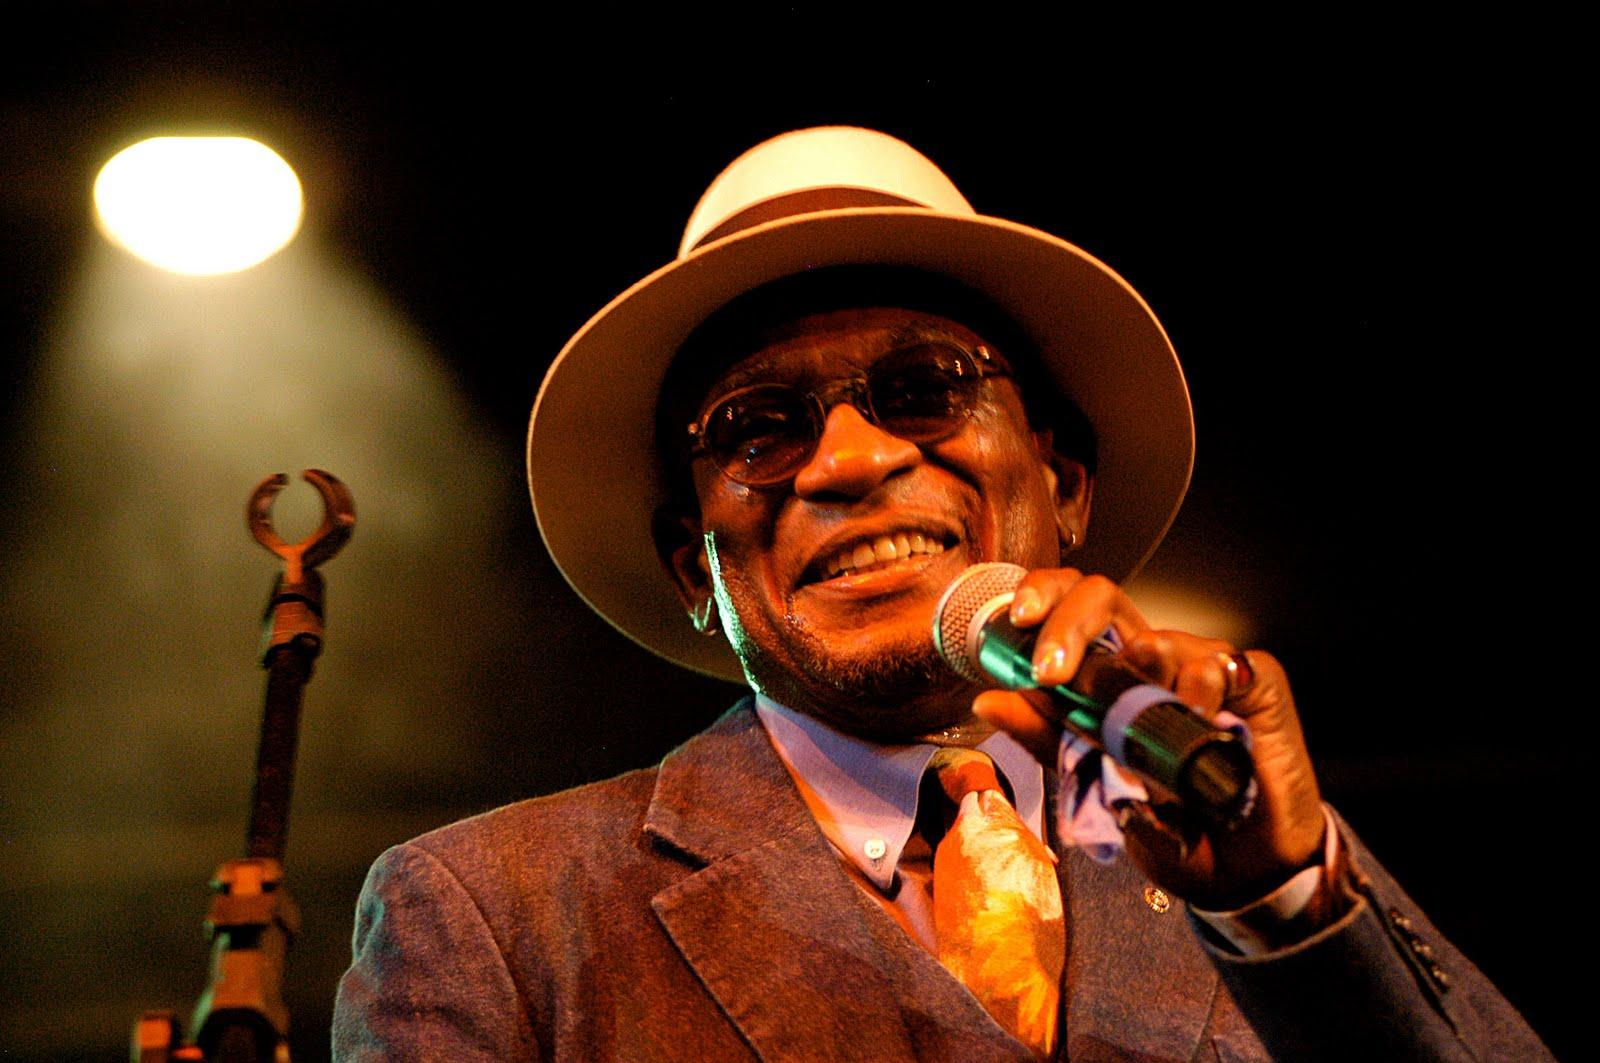 Com apresentações ao lado de ícones do rock, blues e jazz, JJ Jackson é a principal atração em Cunha (Foto: Reprodução)